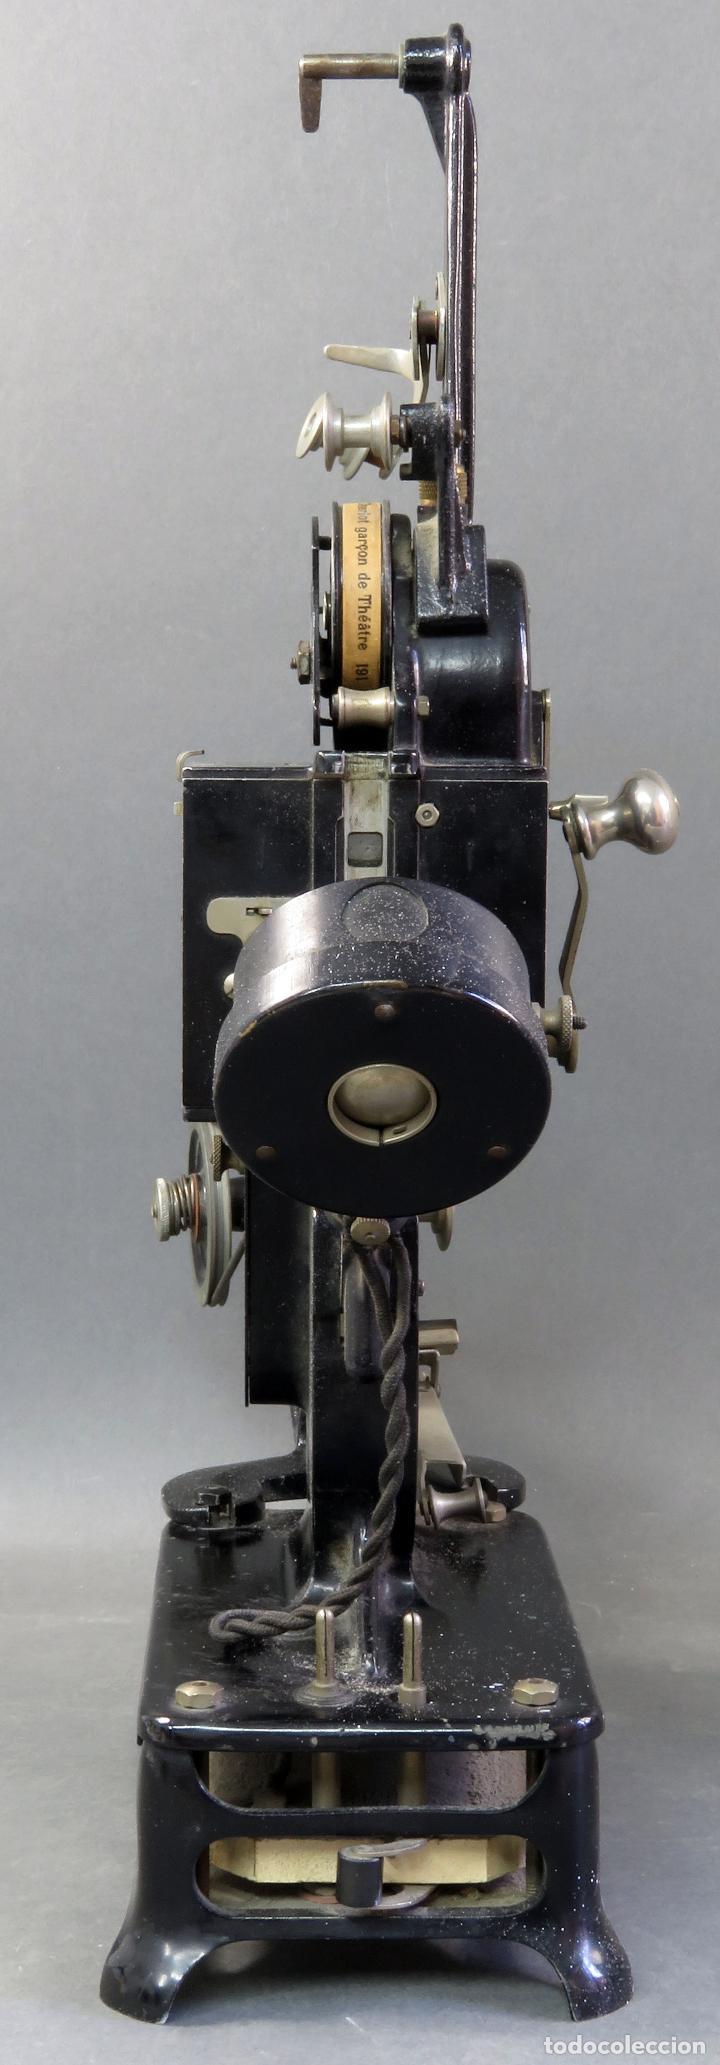 Juguetes Antiguos: Proyector Pathé Baby 9,5 mm con una película hacia 1920 - Foto 7 - 128980255